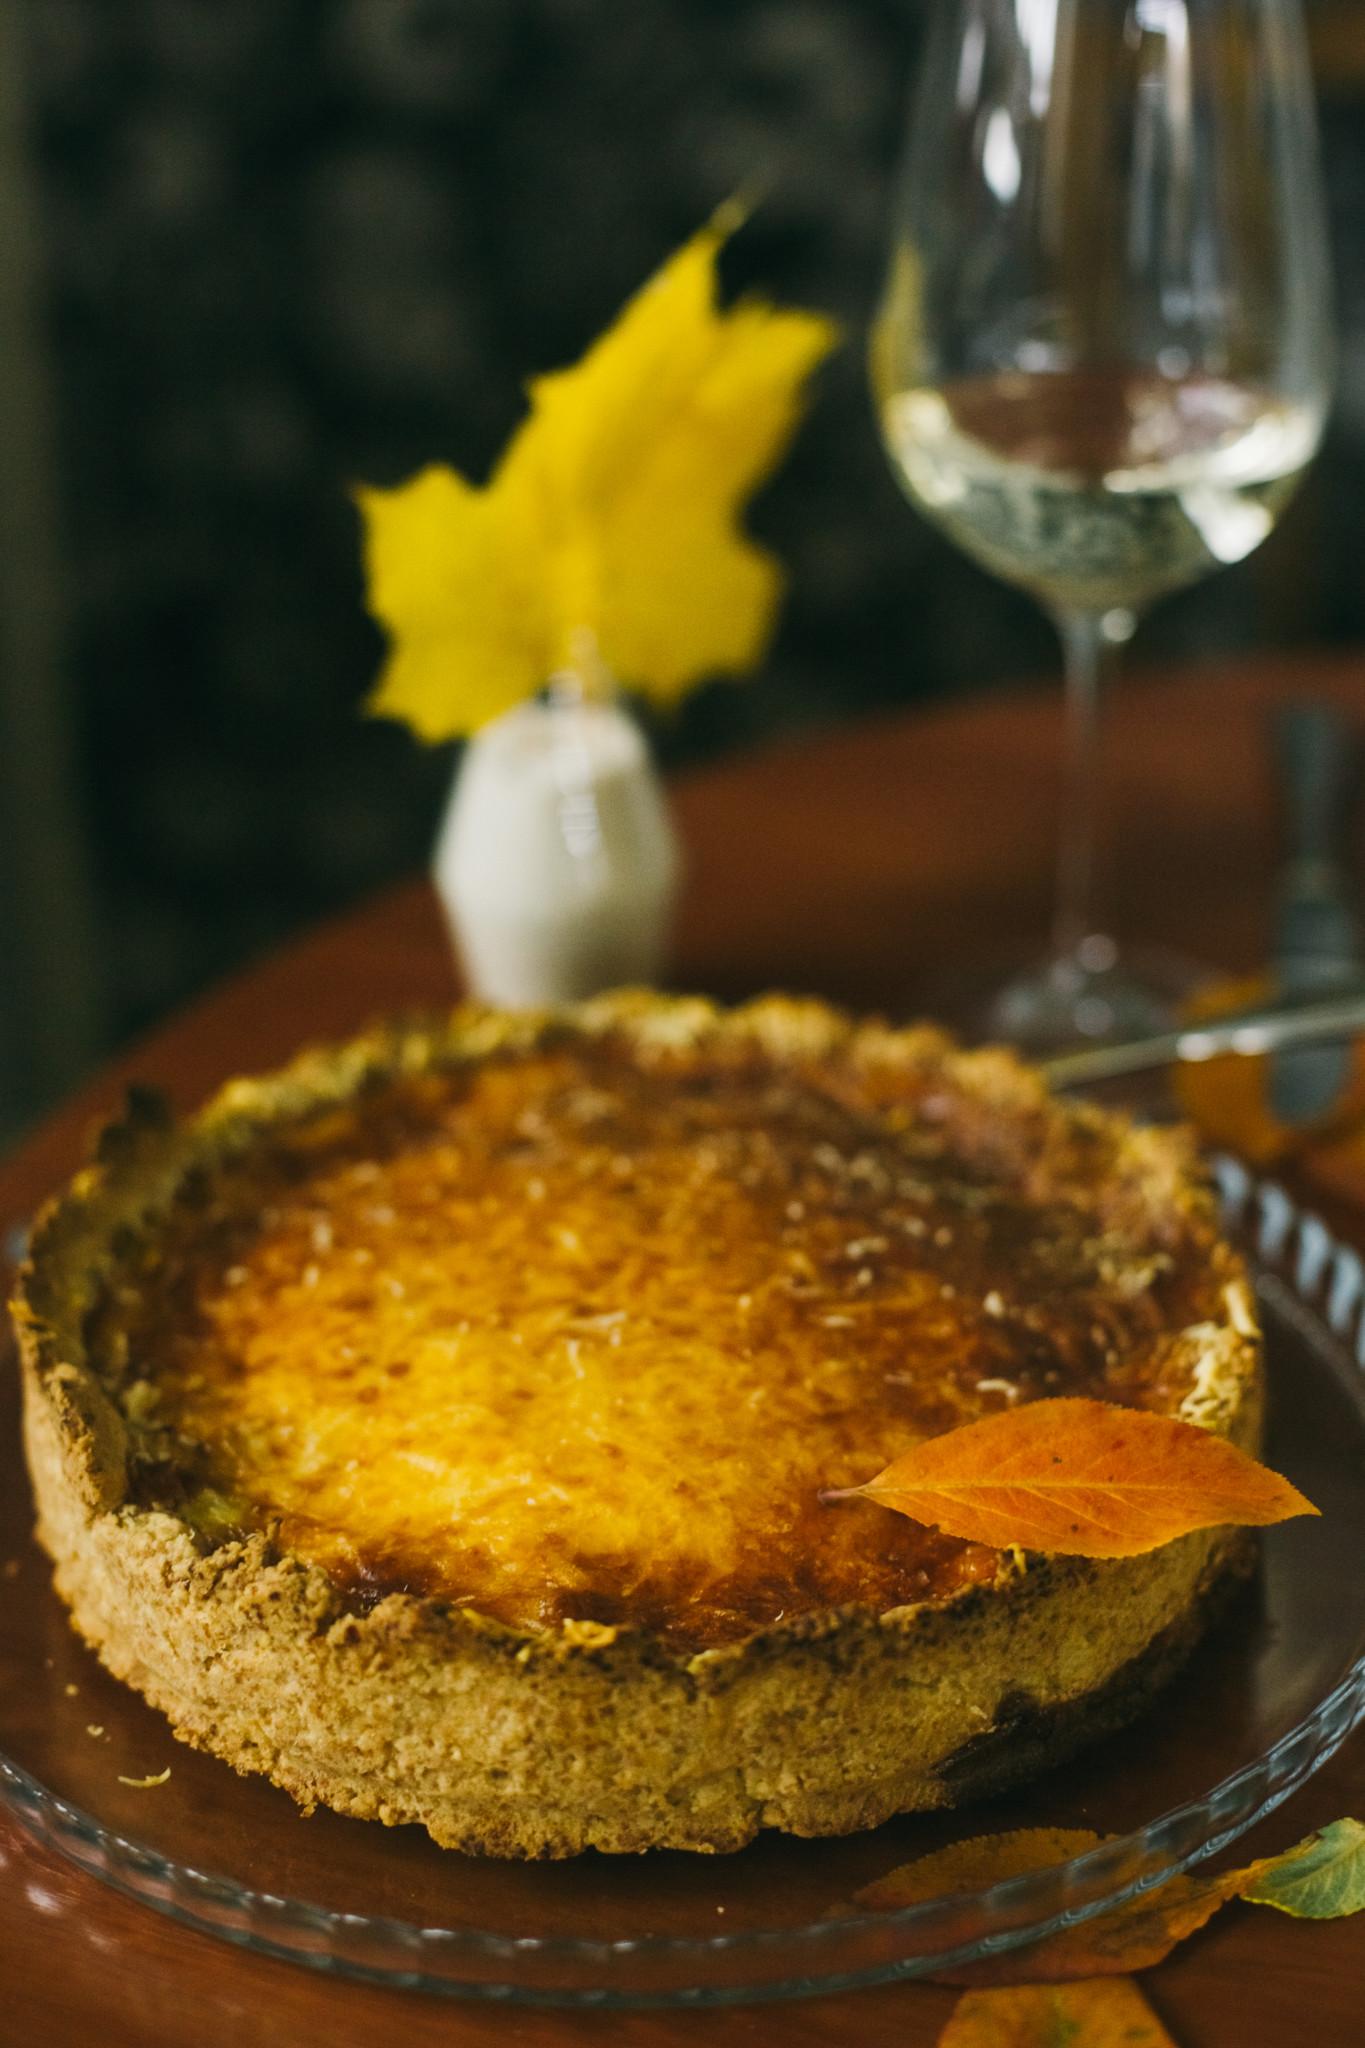 Вкусный луковый пирог. Пошаговый рецепт с фотографиями | Блог Варвары Лялягиной «Дом, в который хочется приходить»